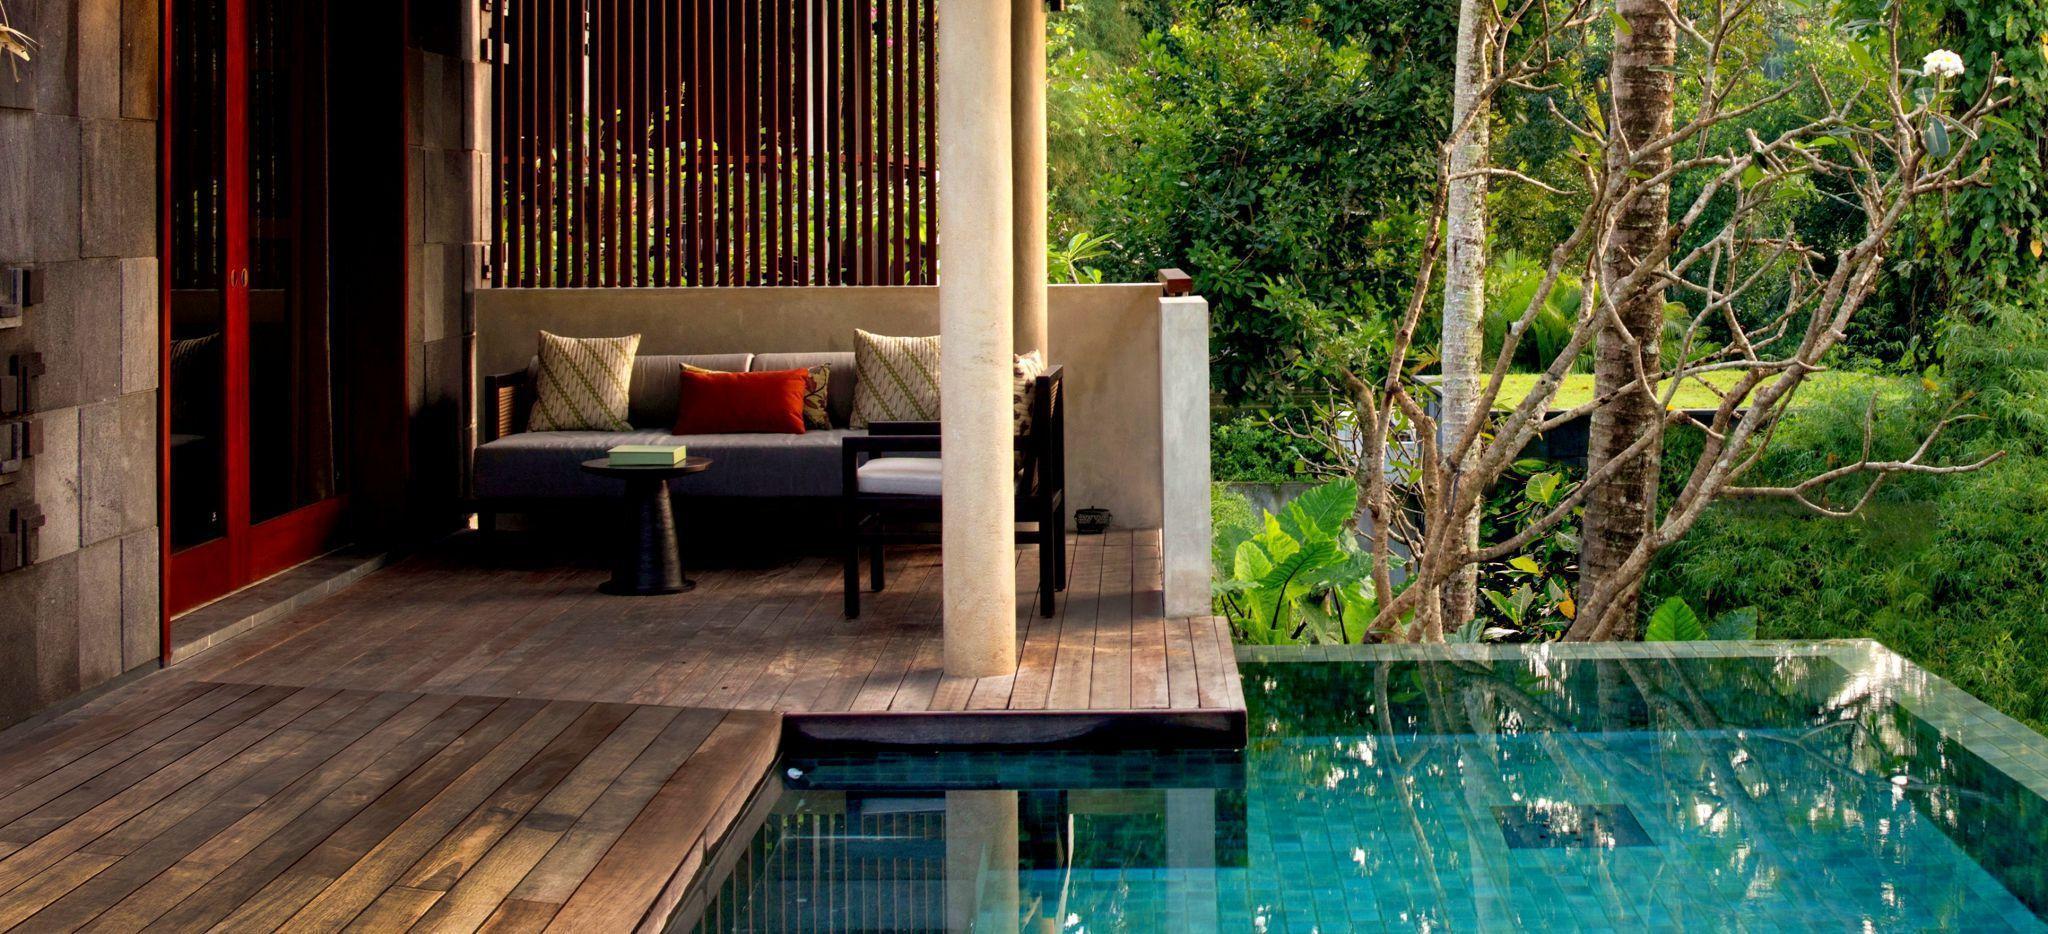 Terrasse und privater Pool eine Villa im Hotel Alila Ubud